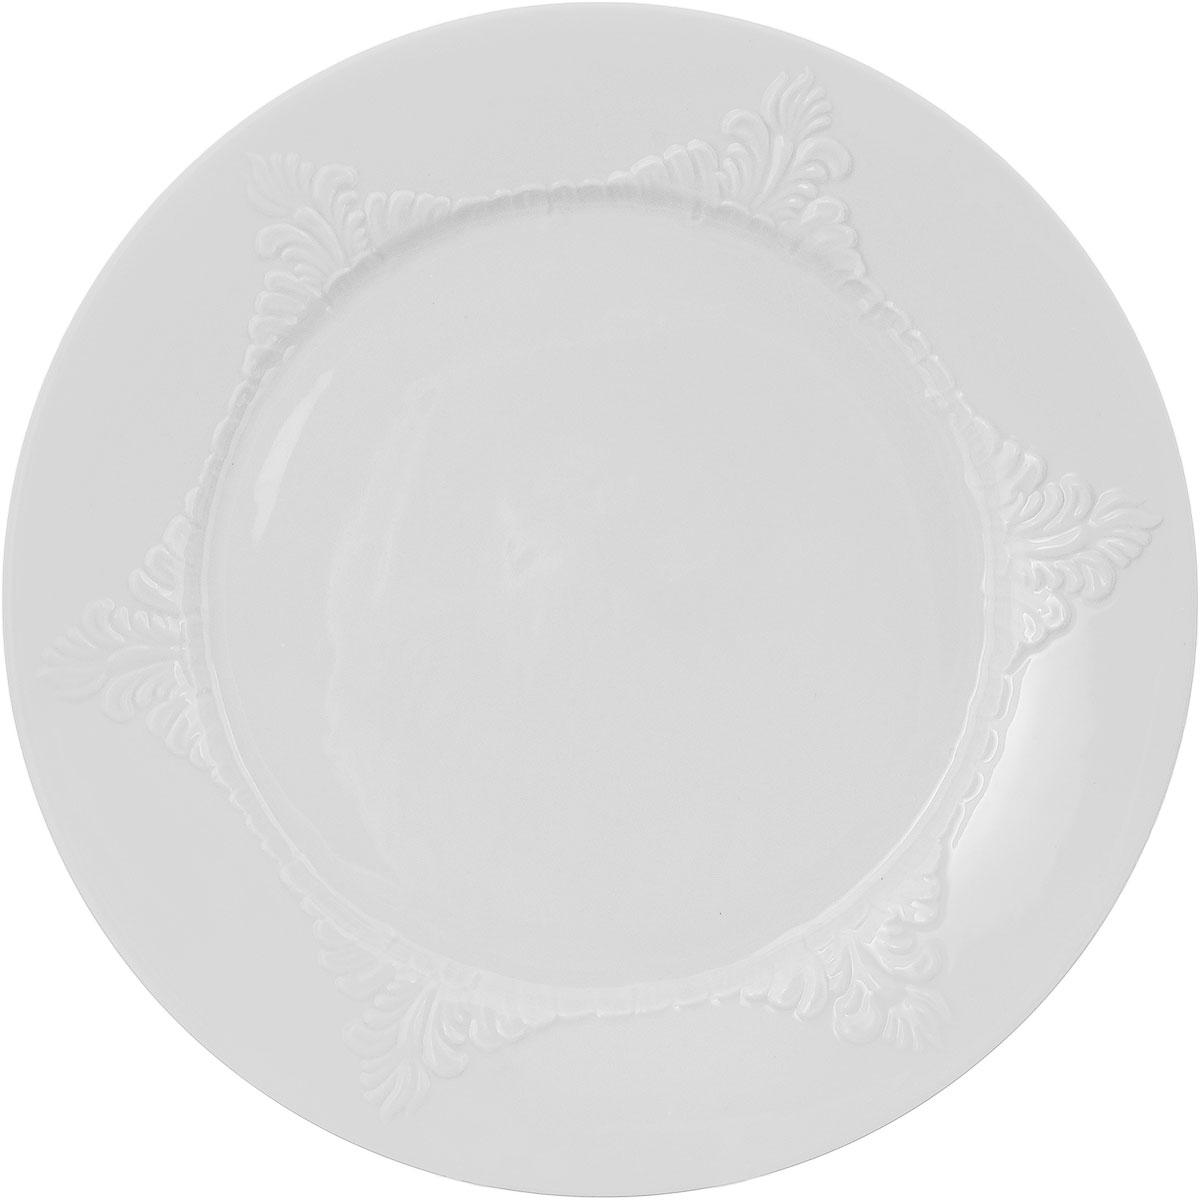 Тарелка Фарфор Вербилок, диаметр 24 см. 1658001Б115510Тарелка Фарфор Вербилок, изготовленная из высококачественного фарфора, имеет классическую круглую форму. Она прекрасно впишется в интерьер вашей кухни и станет достойным дополнением к кухонному инвентарю. Тарелка Фарфор Вербилок подчеркнет прекрасный вкус хозяйки и станет отличным подарком.Диаметр тарелки (по верхнему краю): 24 см.